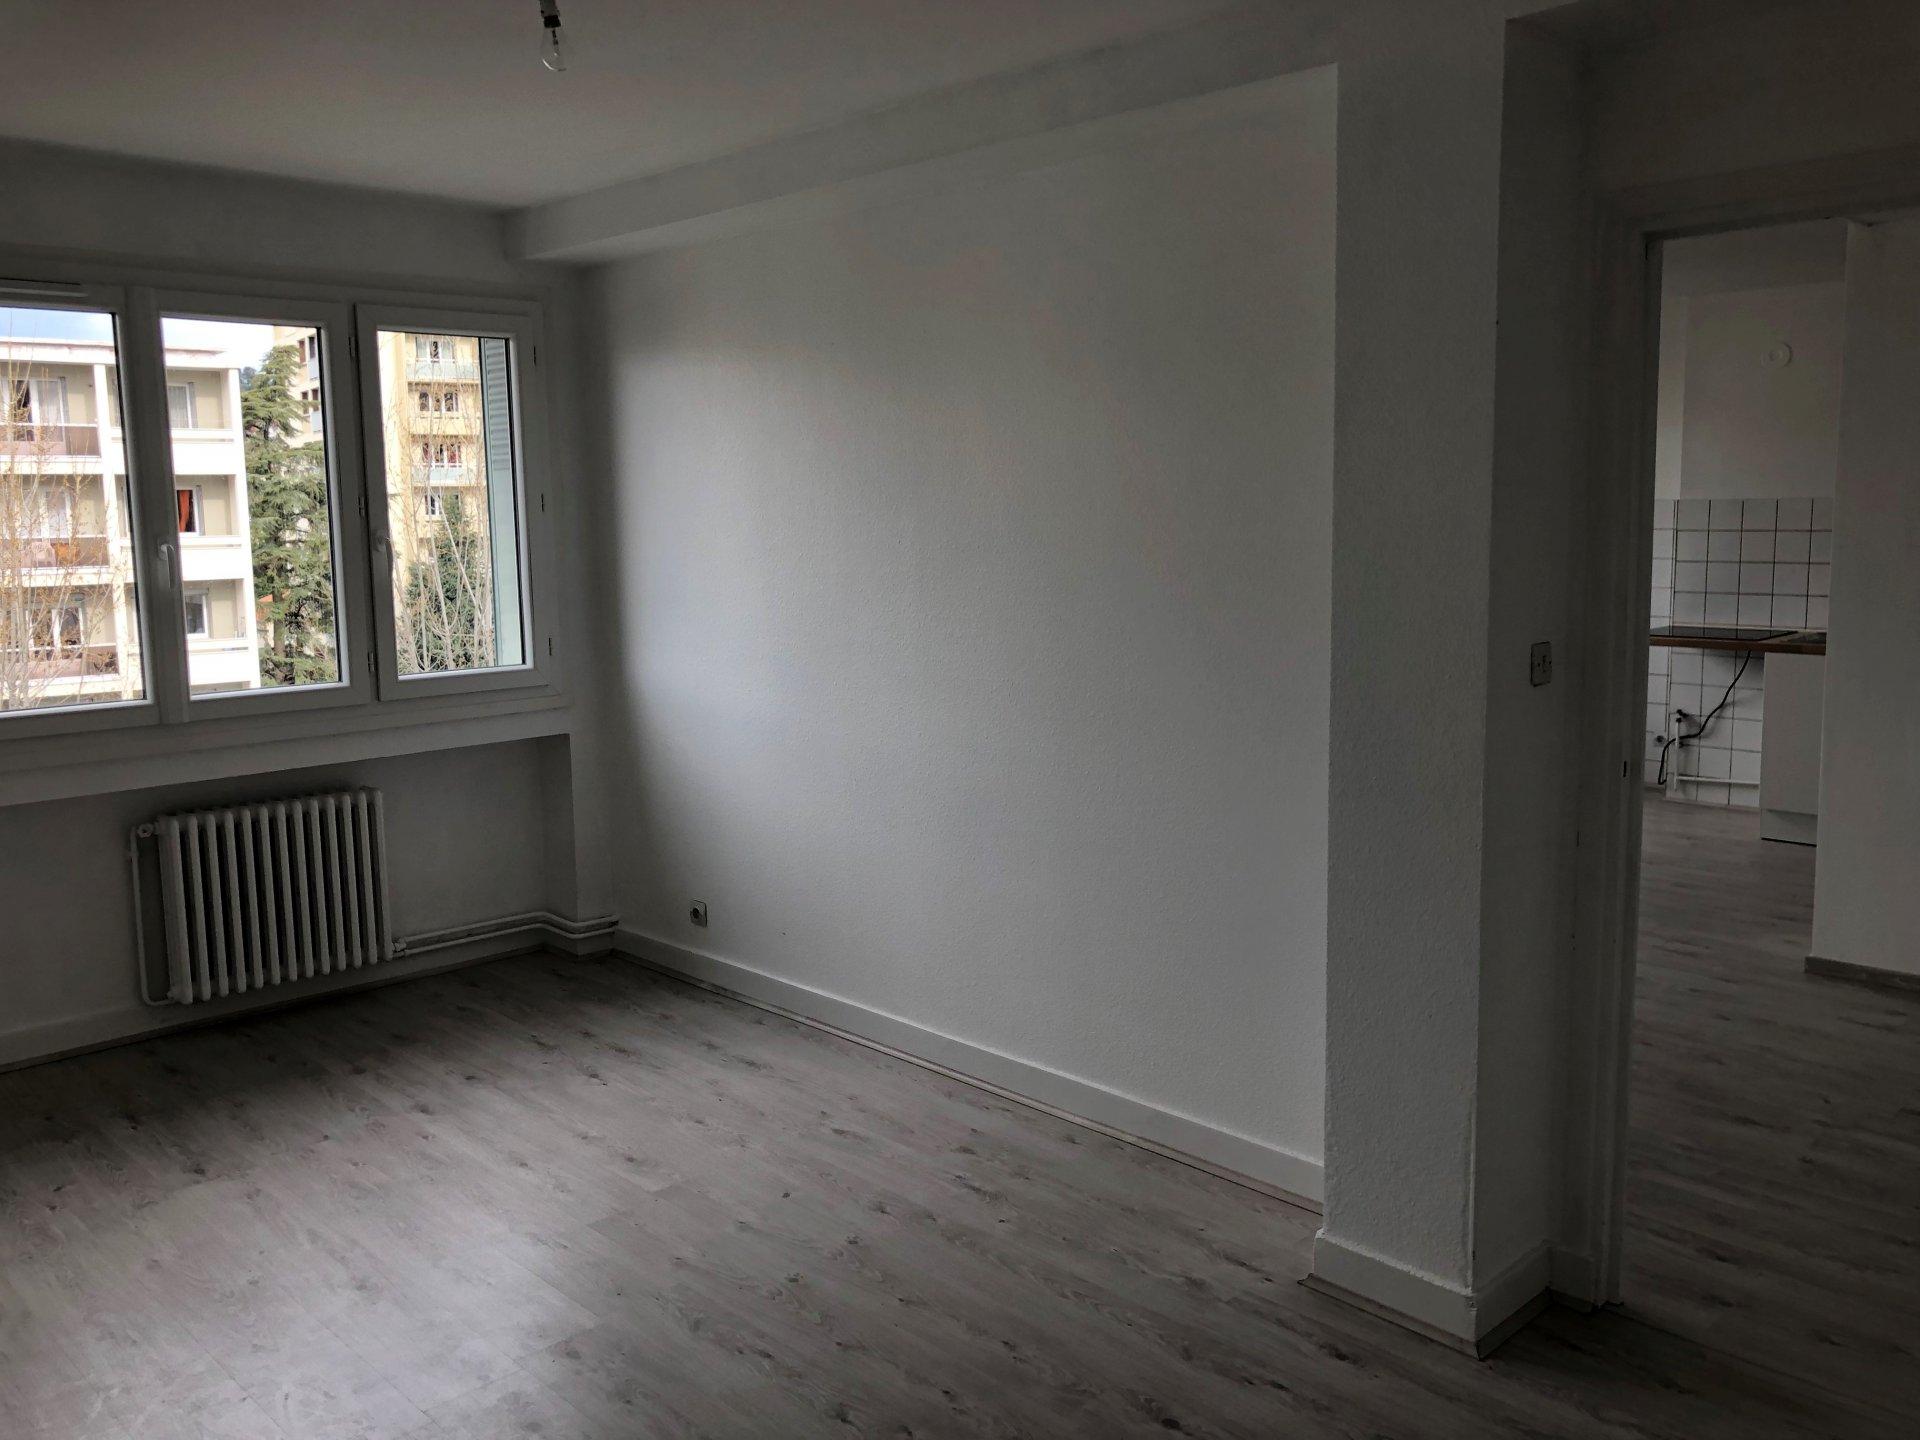 SAINT-ETIENNE - Appartement T2 rénové